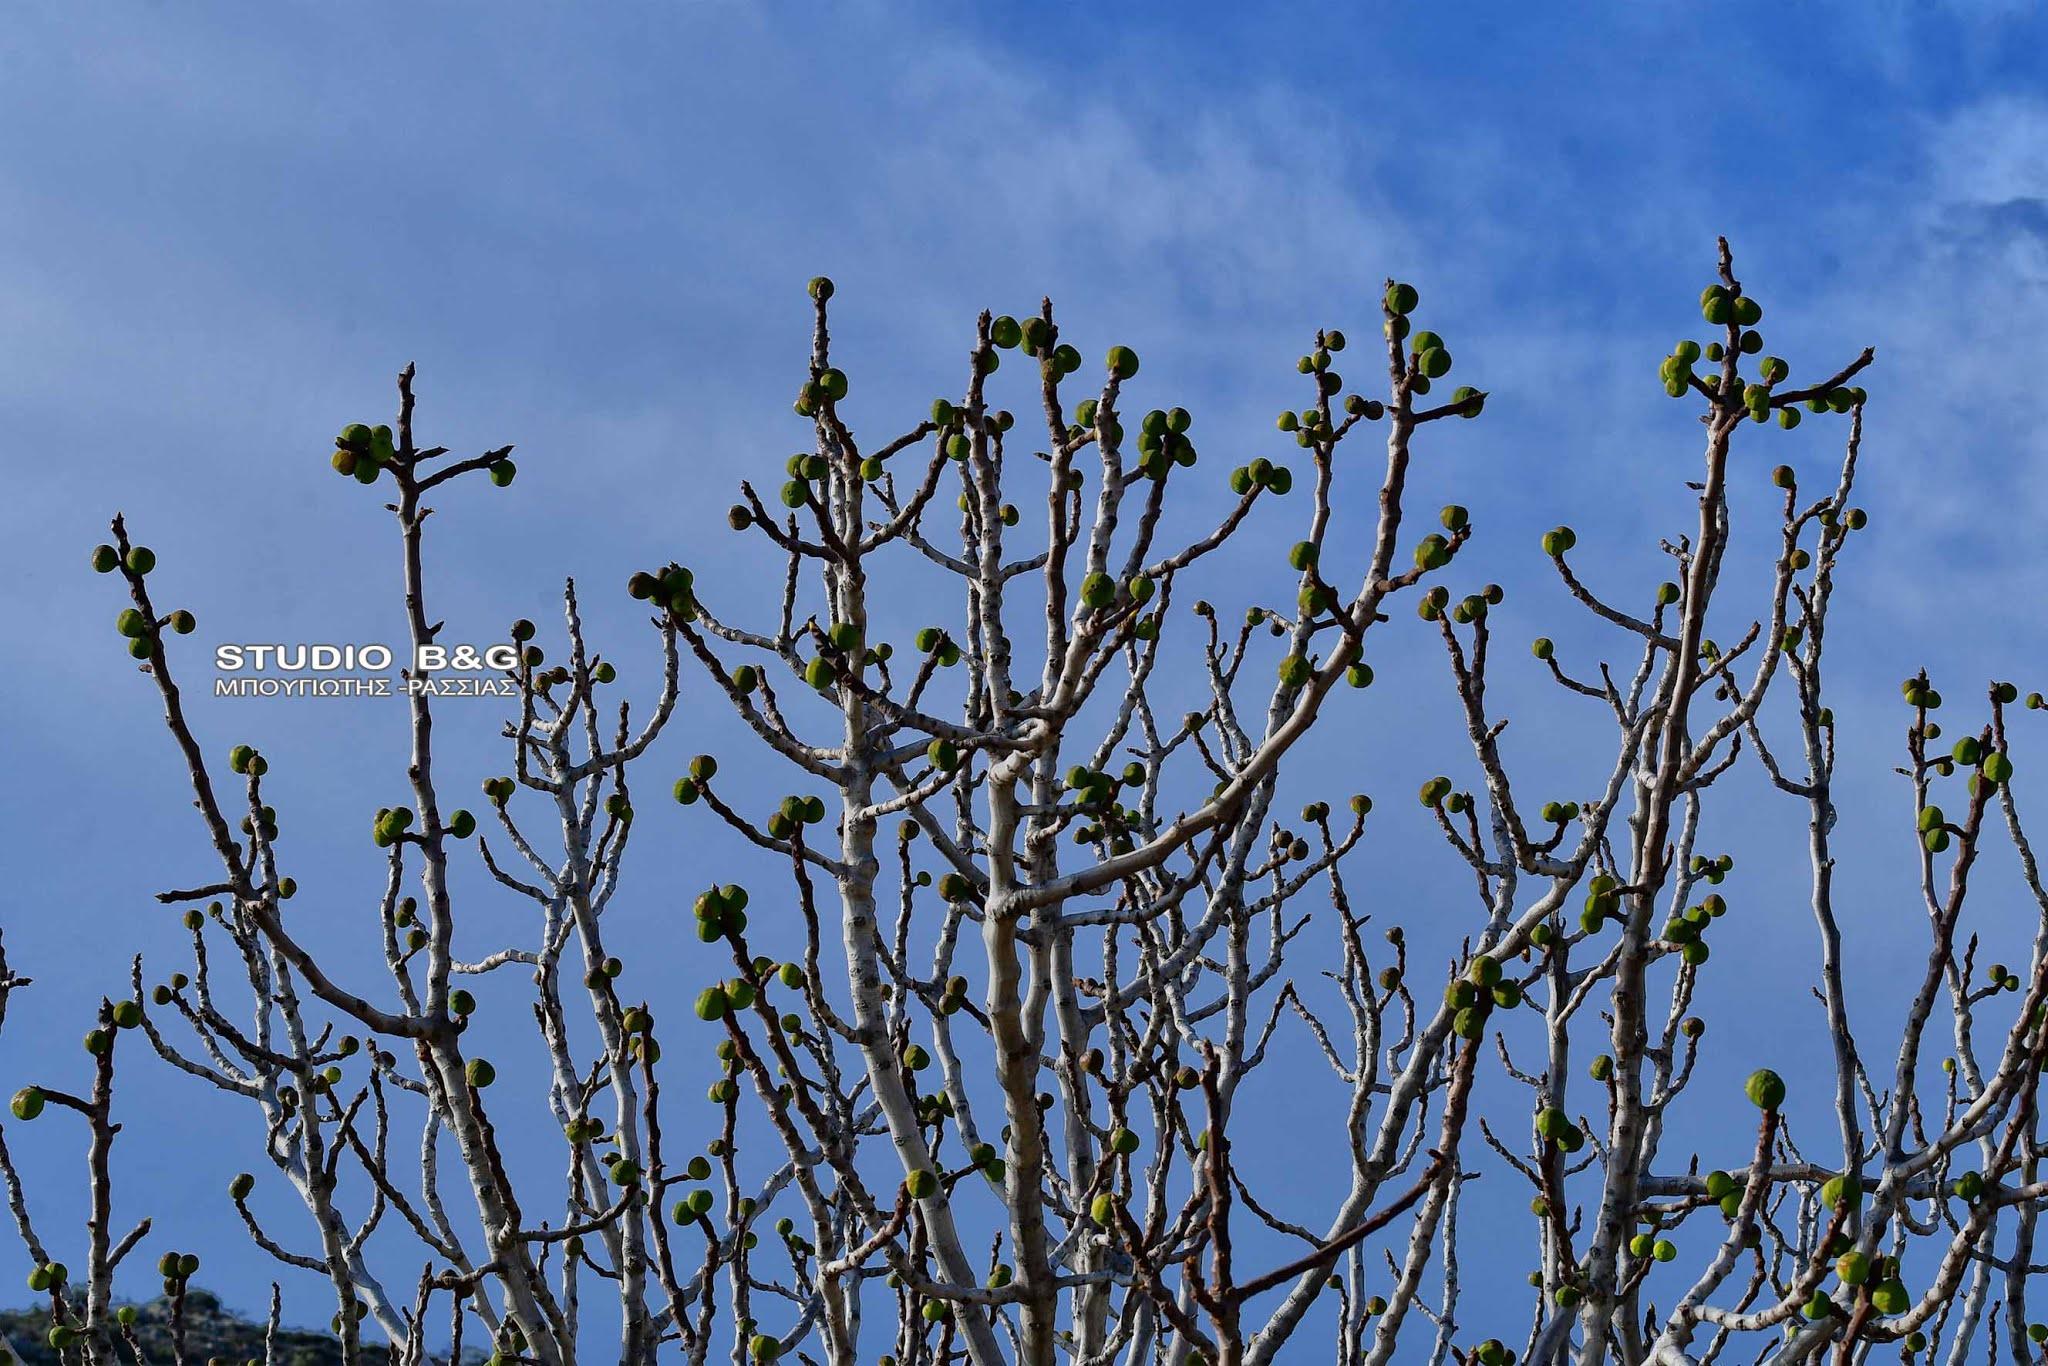 Αργολίδα: Απίστευτες εικόνες στο Ναύπλιο – Βγήκαν σύκα στην καρδιά του χειμώνα (Φωτό)